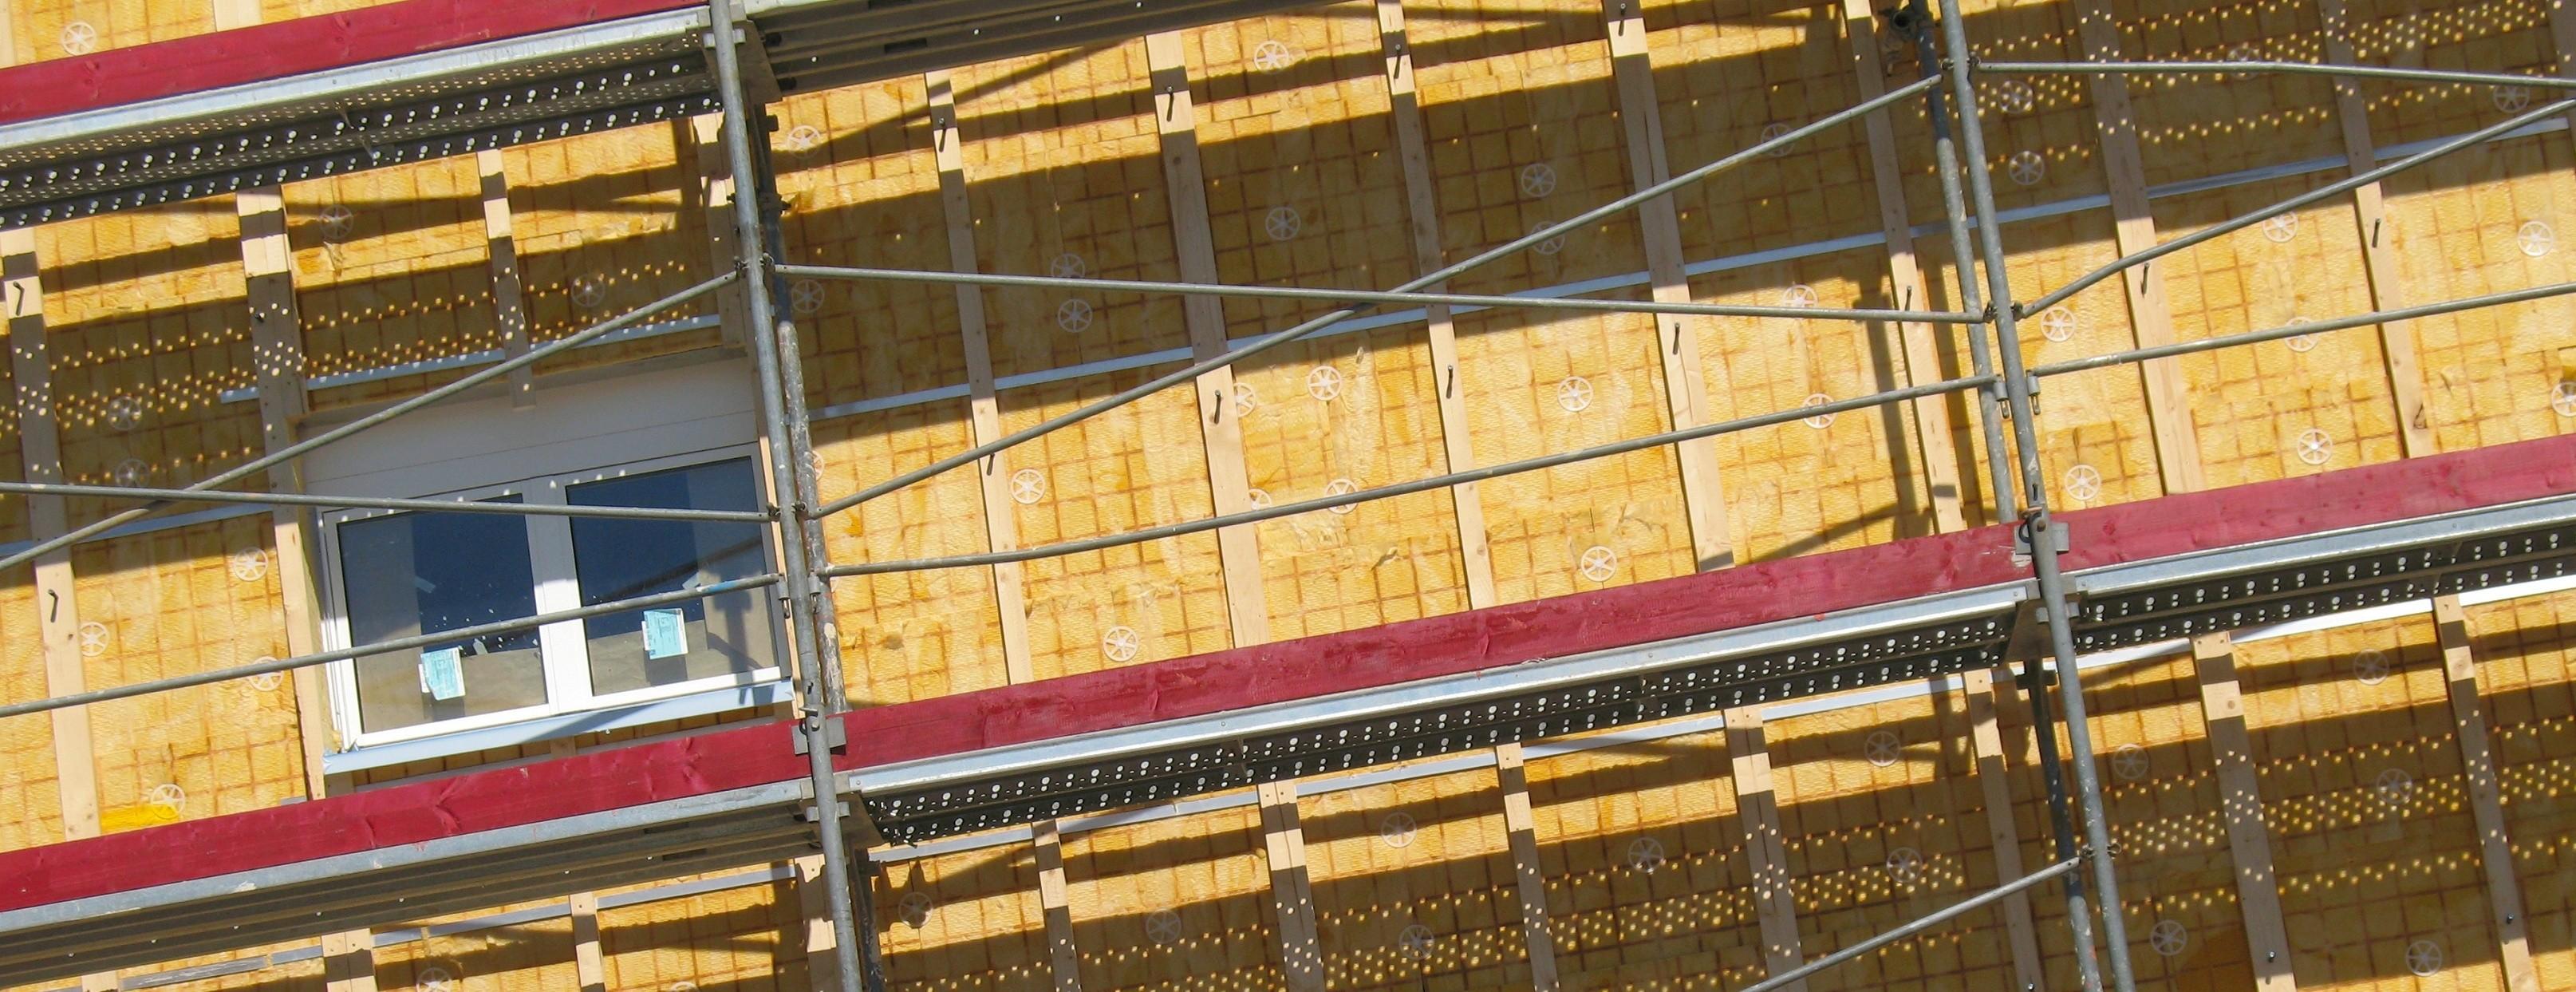 Wohnungsbau - Fassade - Dämmung